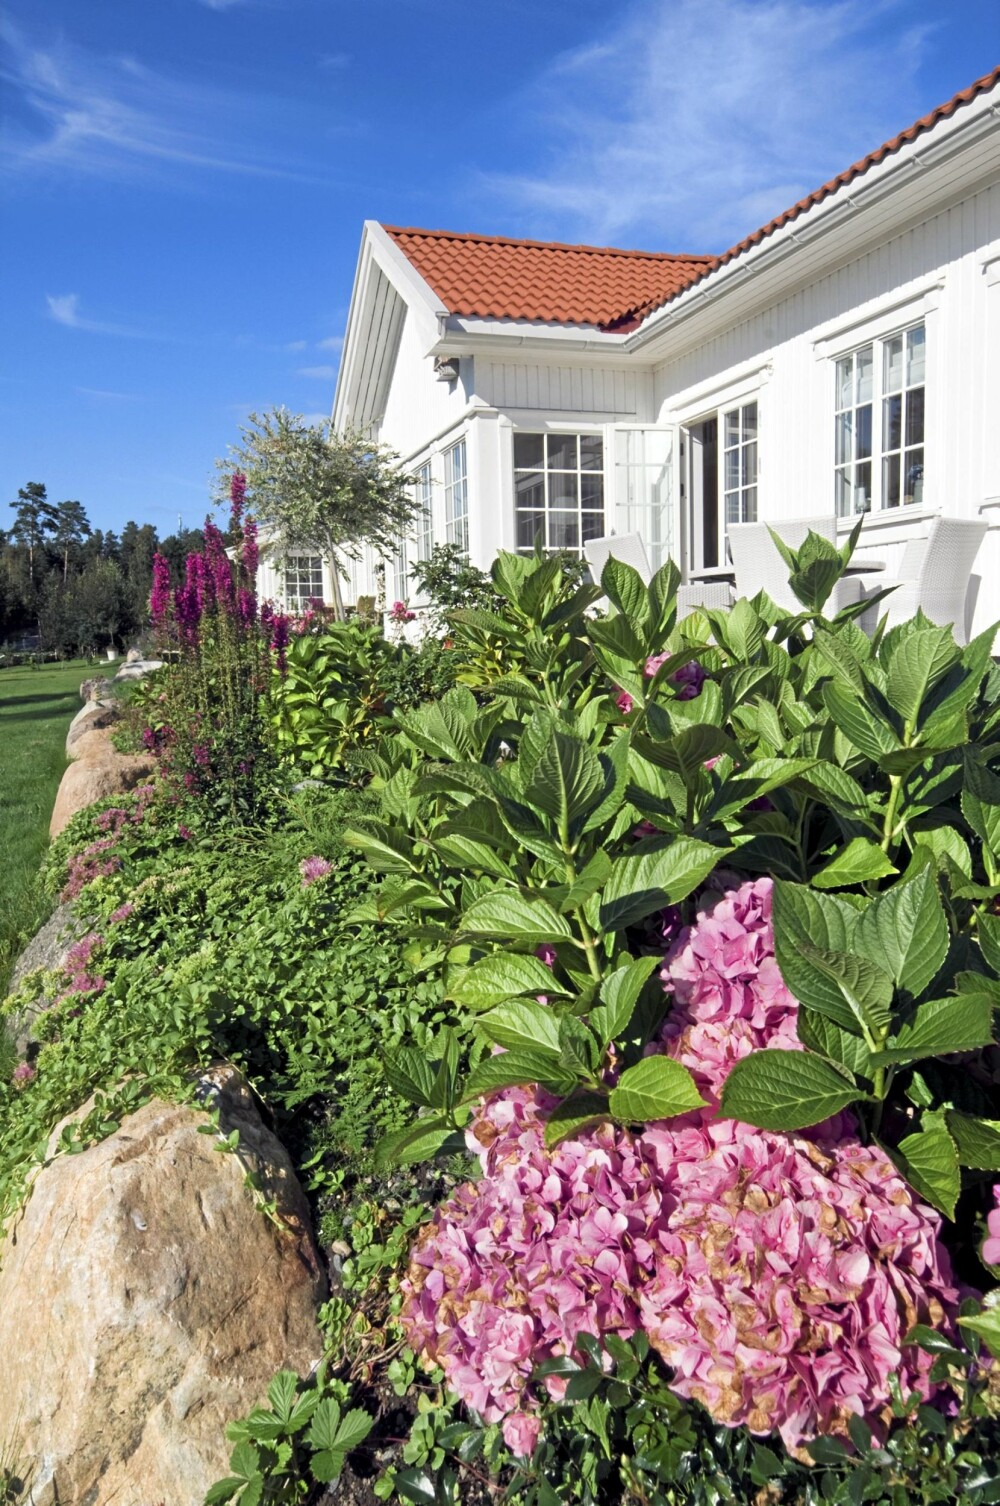 FAVORITTER: Kari Mette Glømmi har plantet slik at det til enhver tid er noe som står i blomst. Fargene på blomstene er i nyanser av rosa, lilla og blått. Hortensiaen i forgrunnen er en av hennes favoritter fordi den blomstrer i mange måneder.